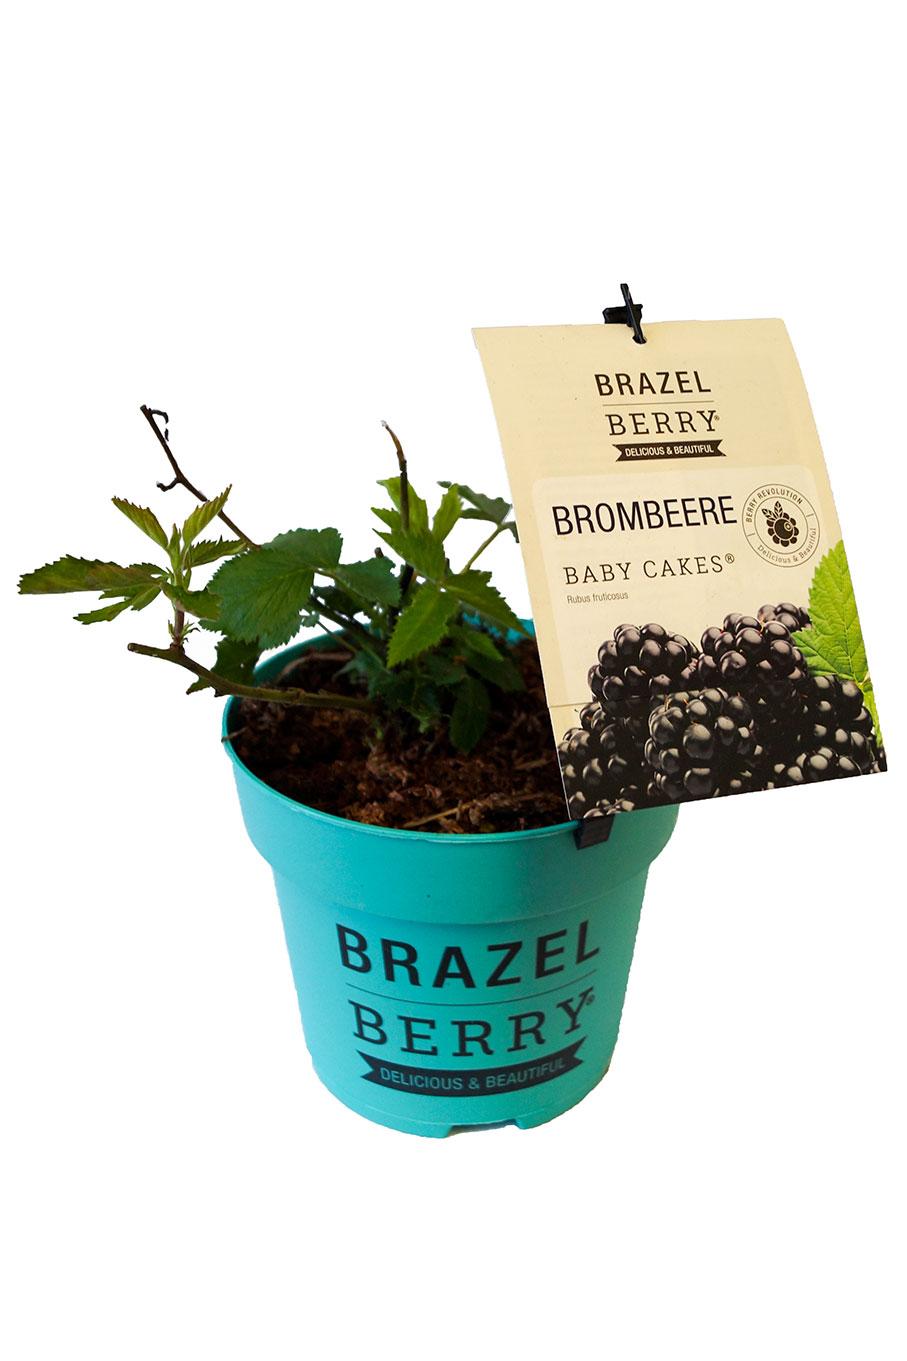 Brazel Berry Brombeere Baby Cakes